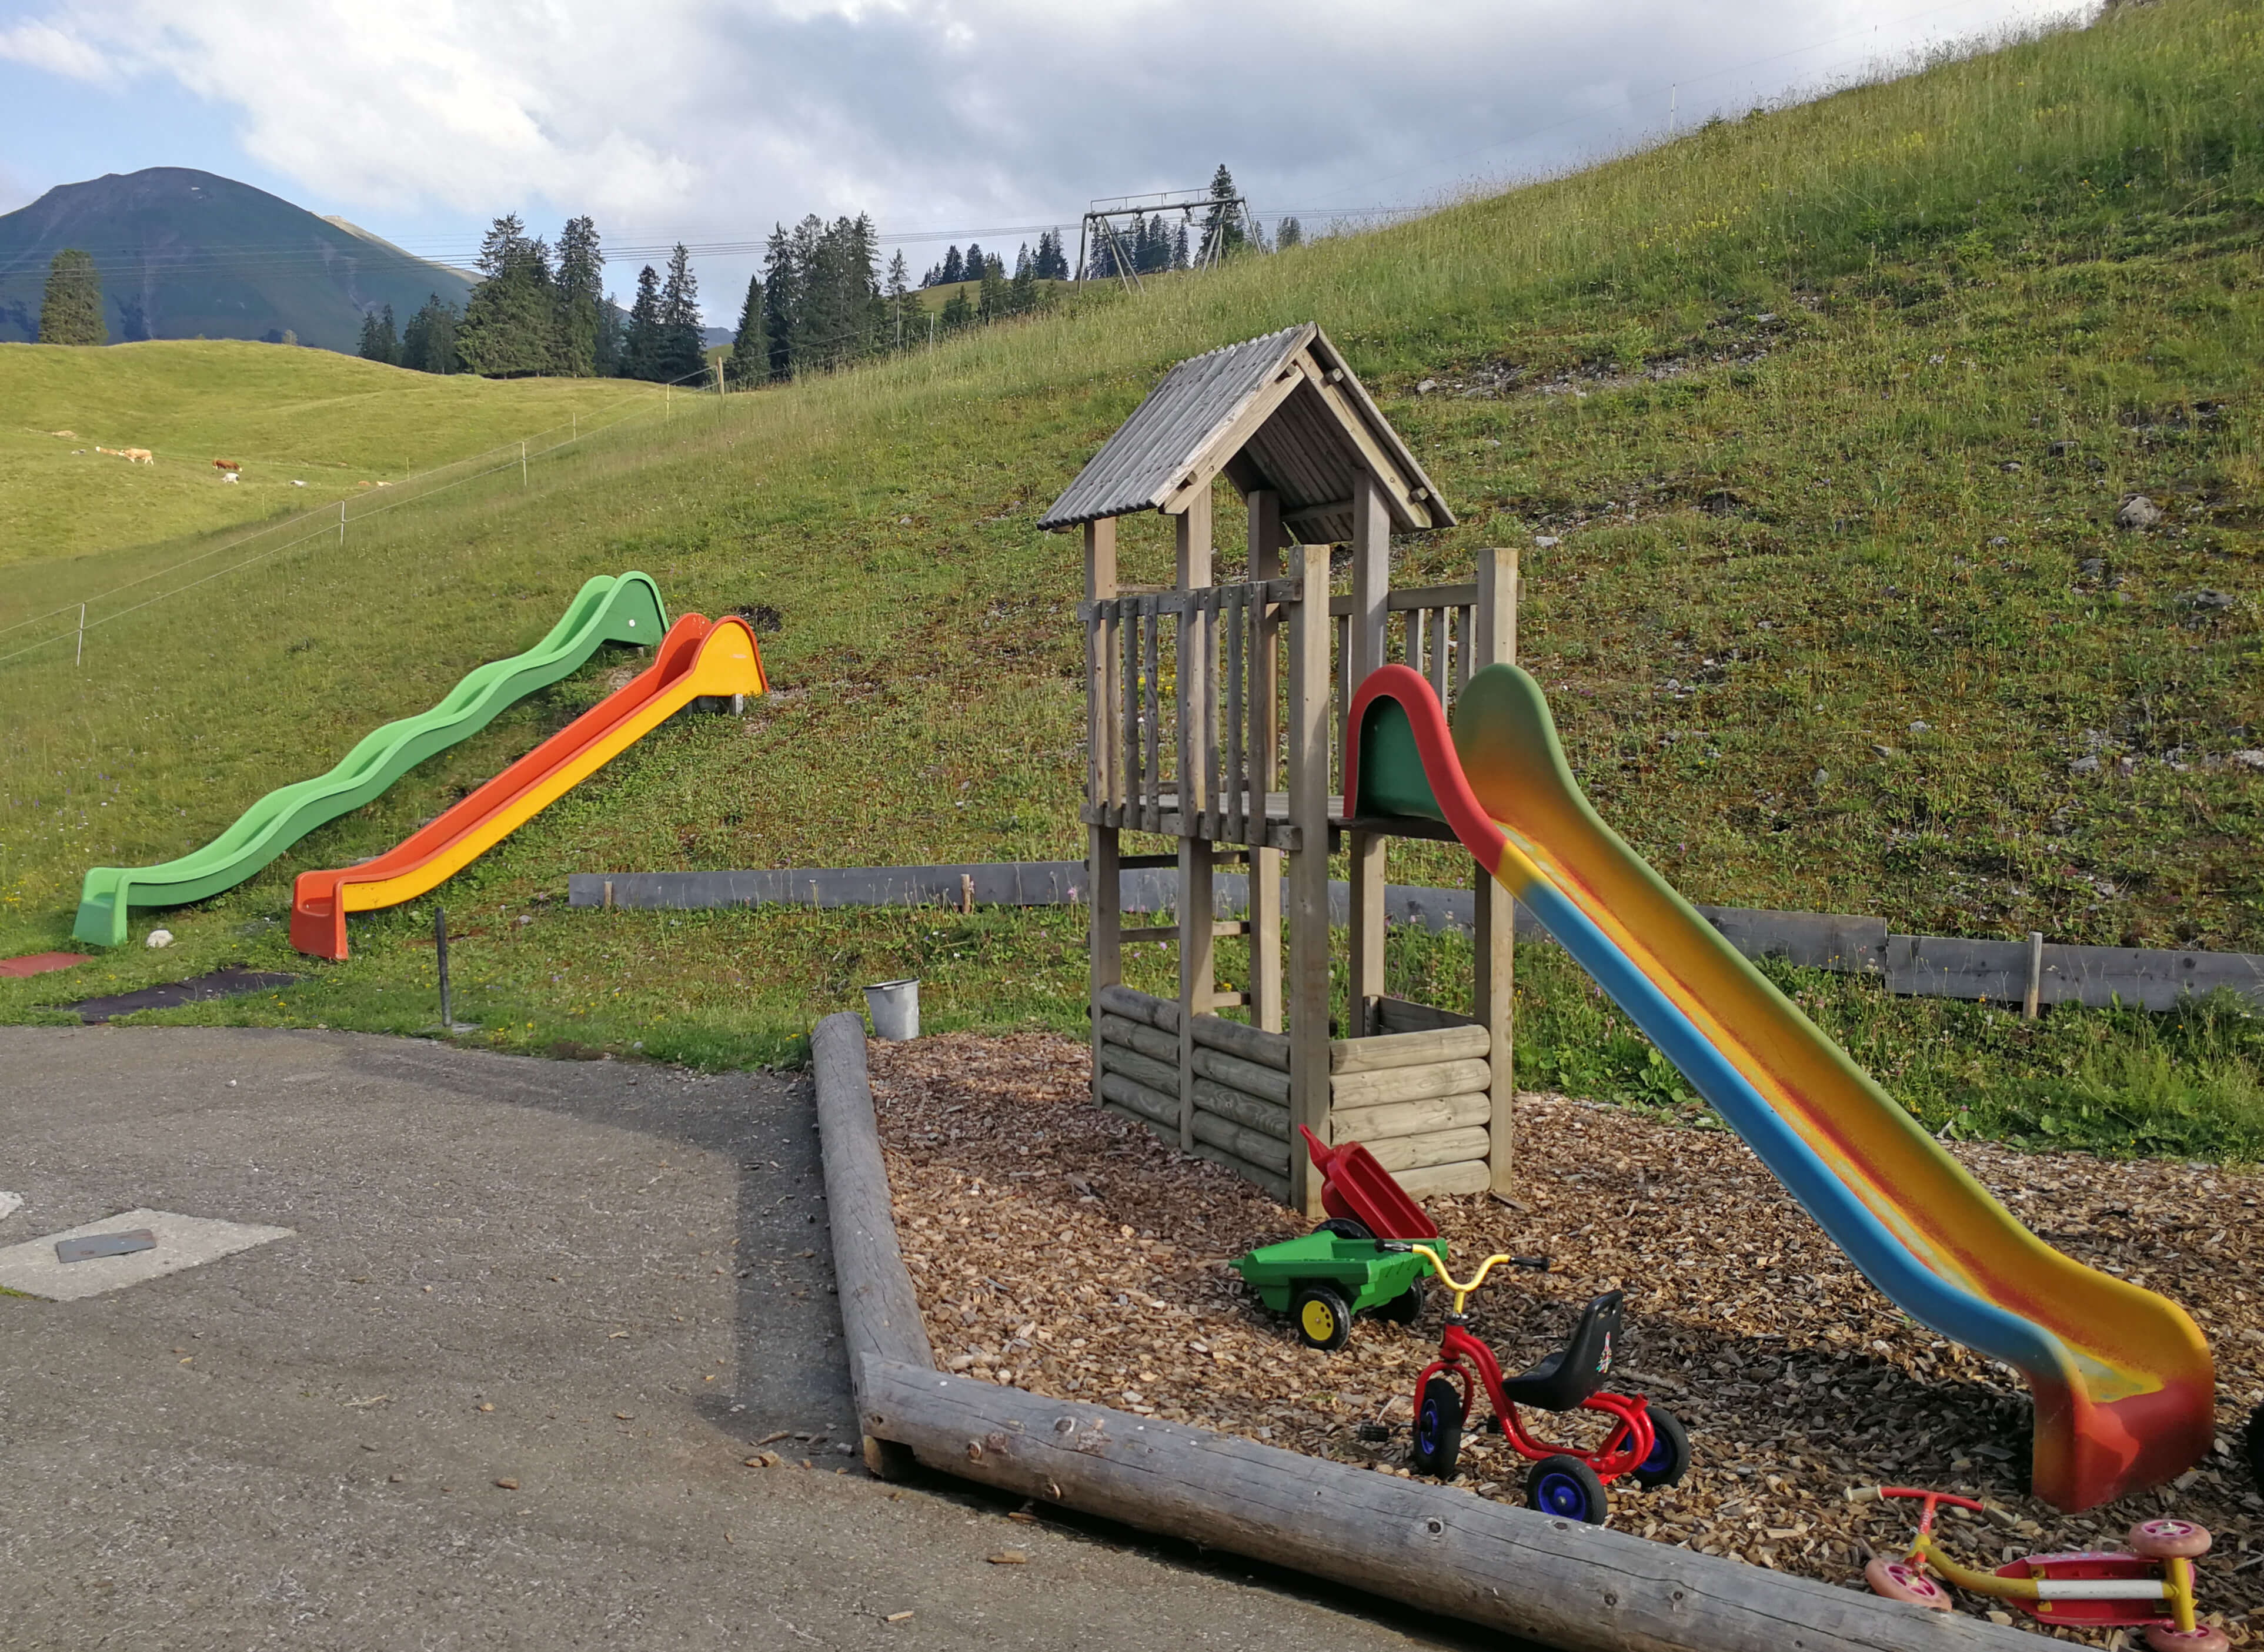 Kletterturm und Rutschbahn am Wiriehorn